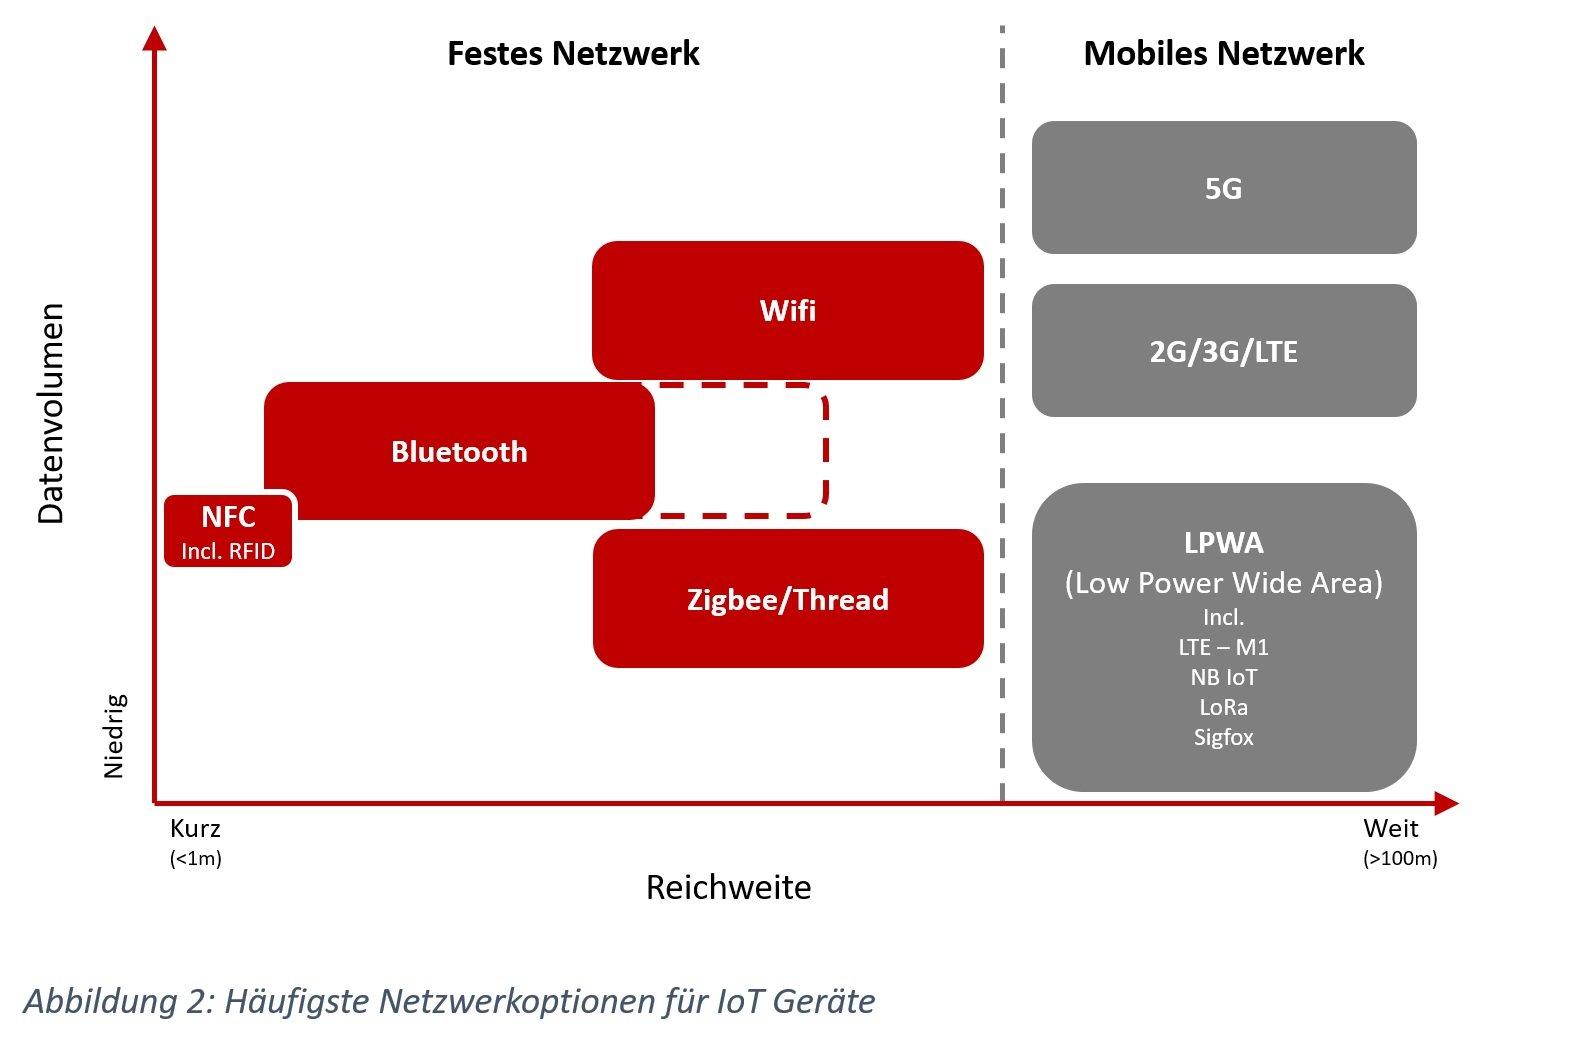 Netzwerkoptionen für IoT Geräte - LPWA, 5G, 2G, 3G, LTE, Wifi, Zigbee, Thread, Bluetooth and NFC